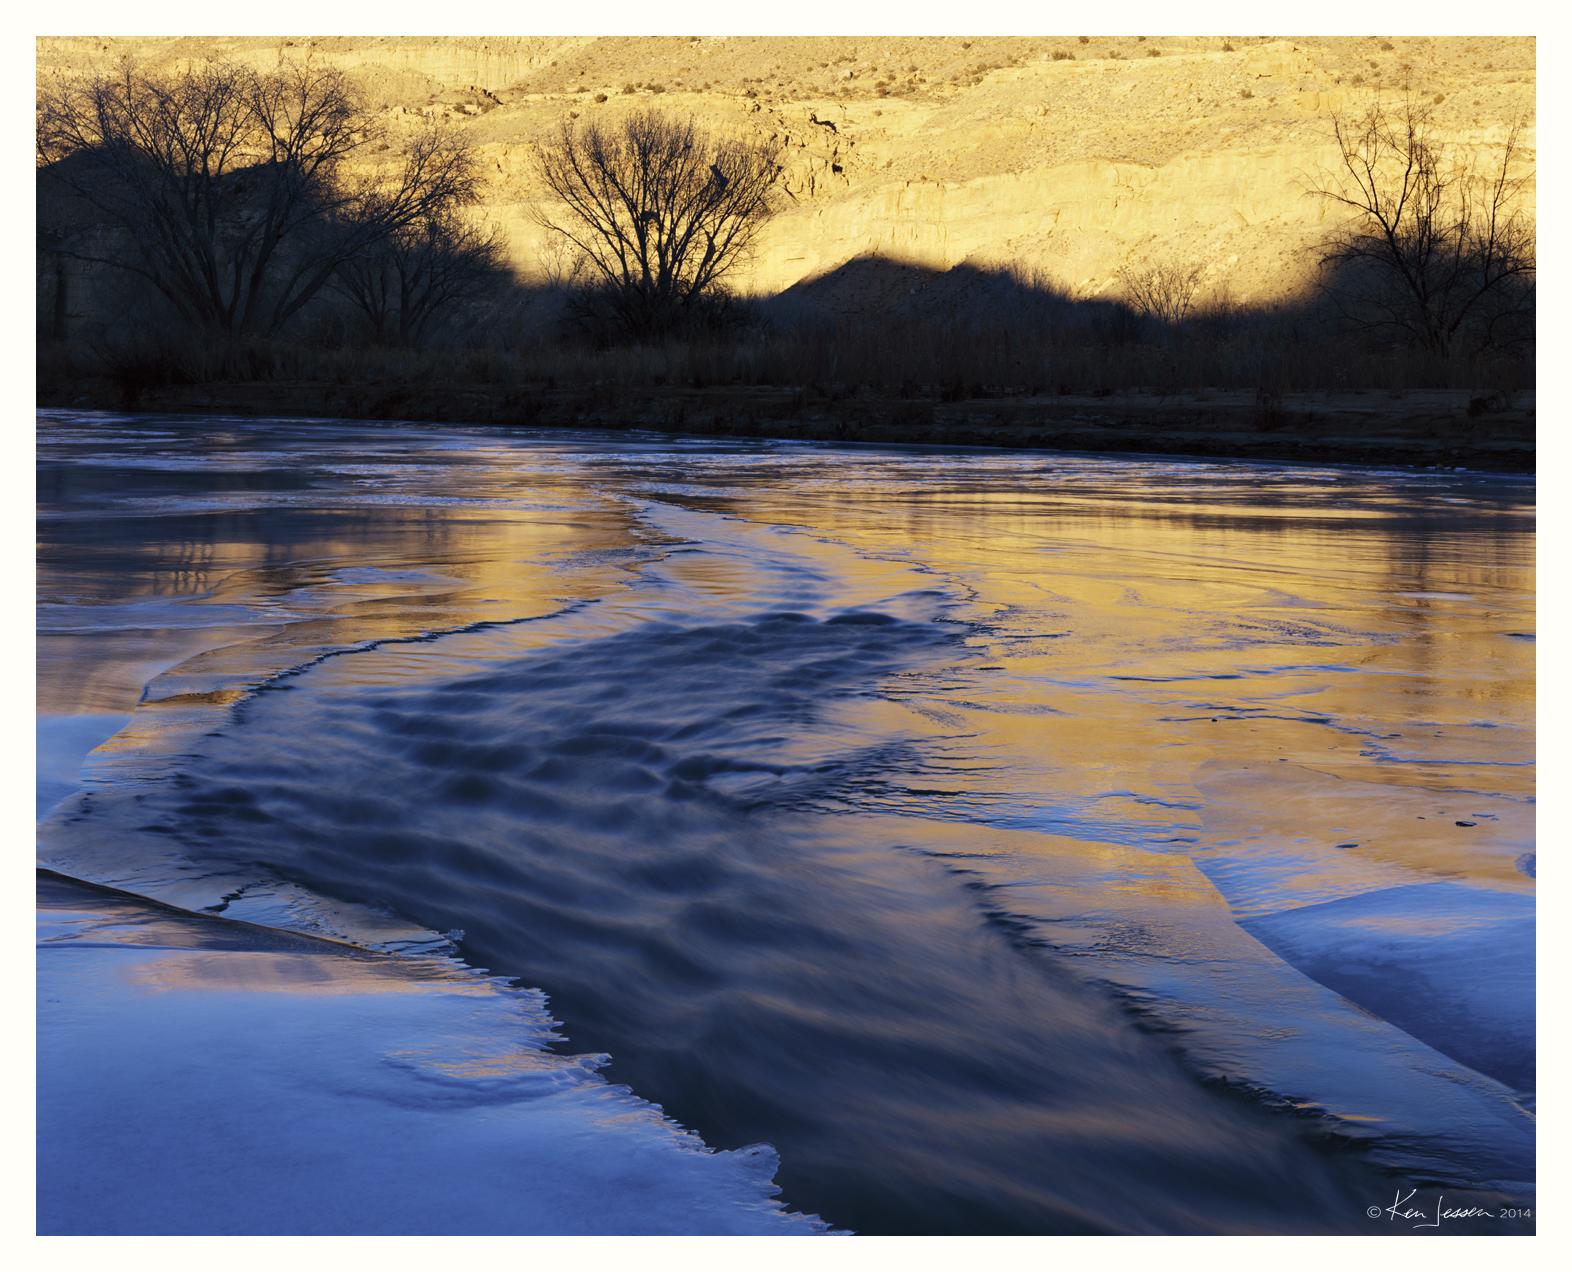 7317-37288-10 Frozen River Gold Light.jpg